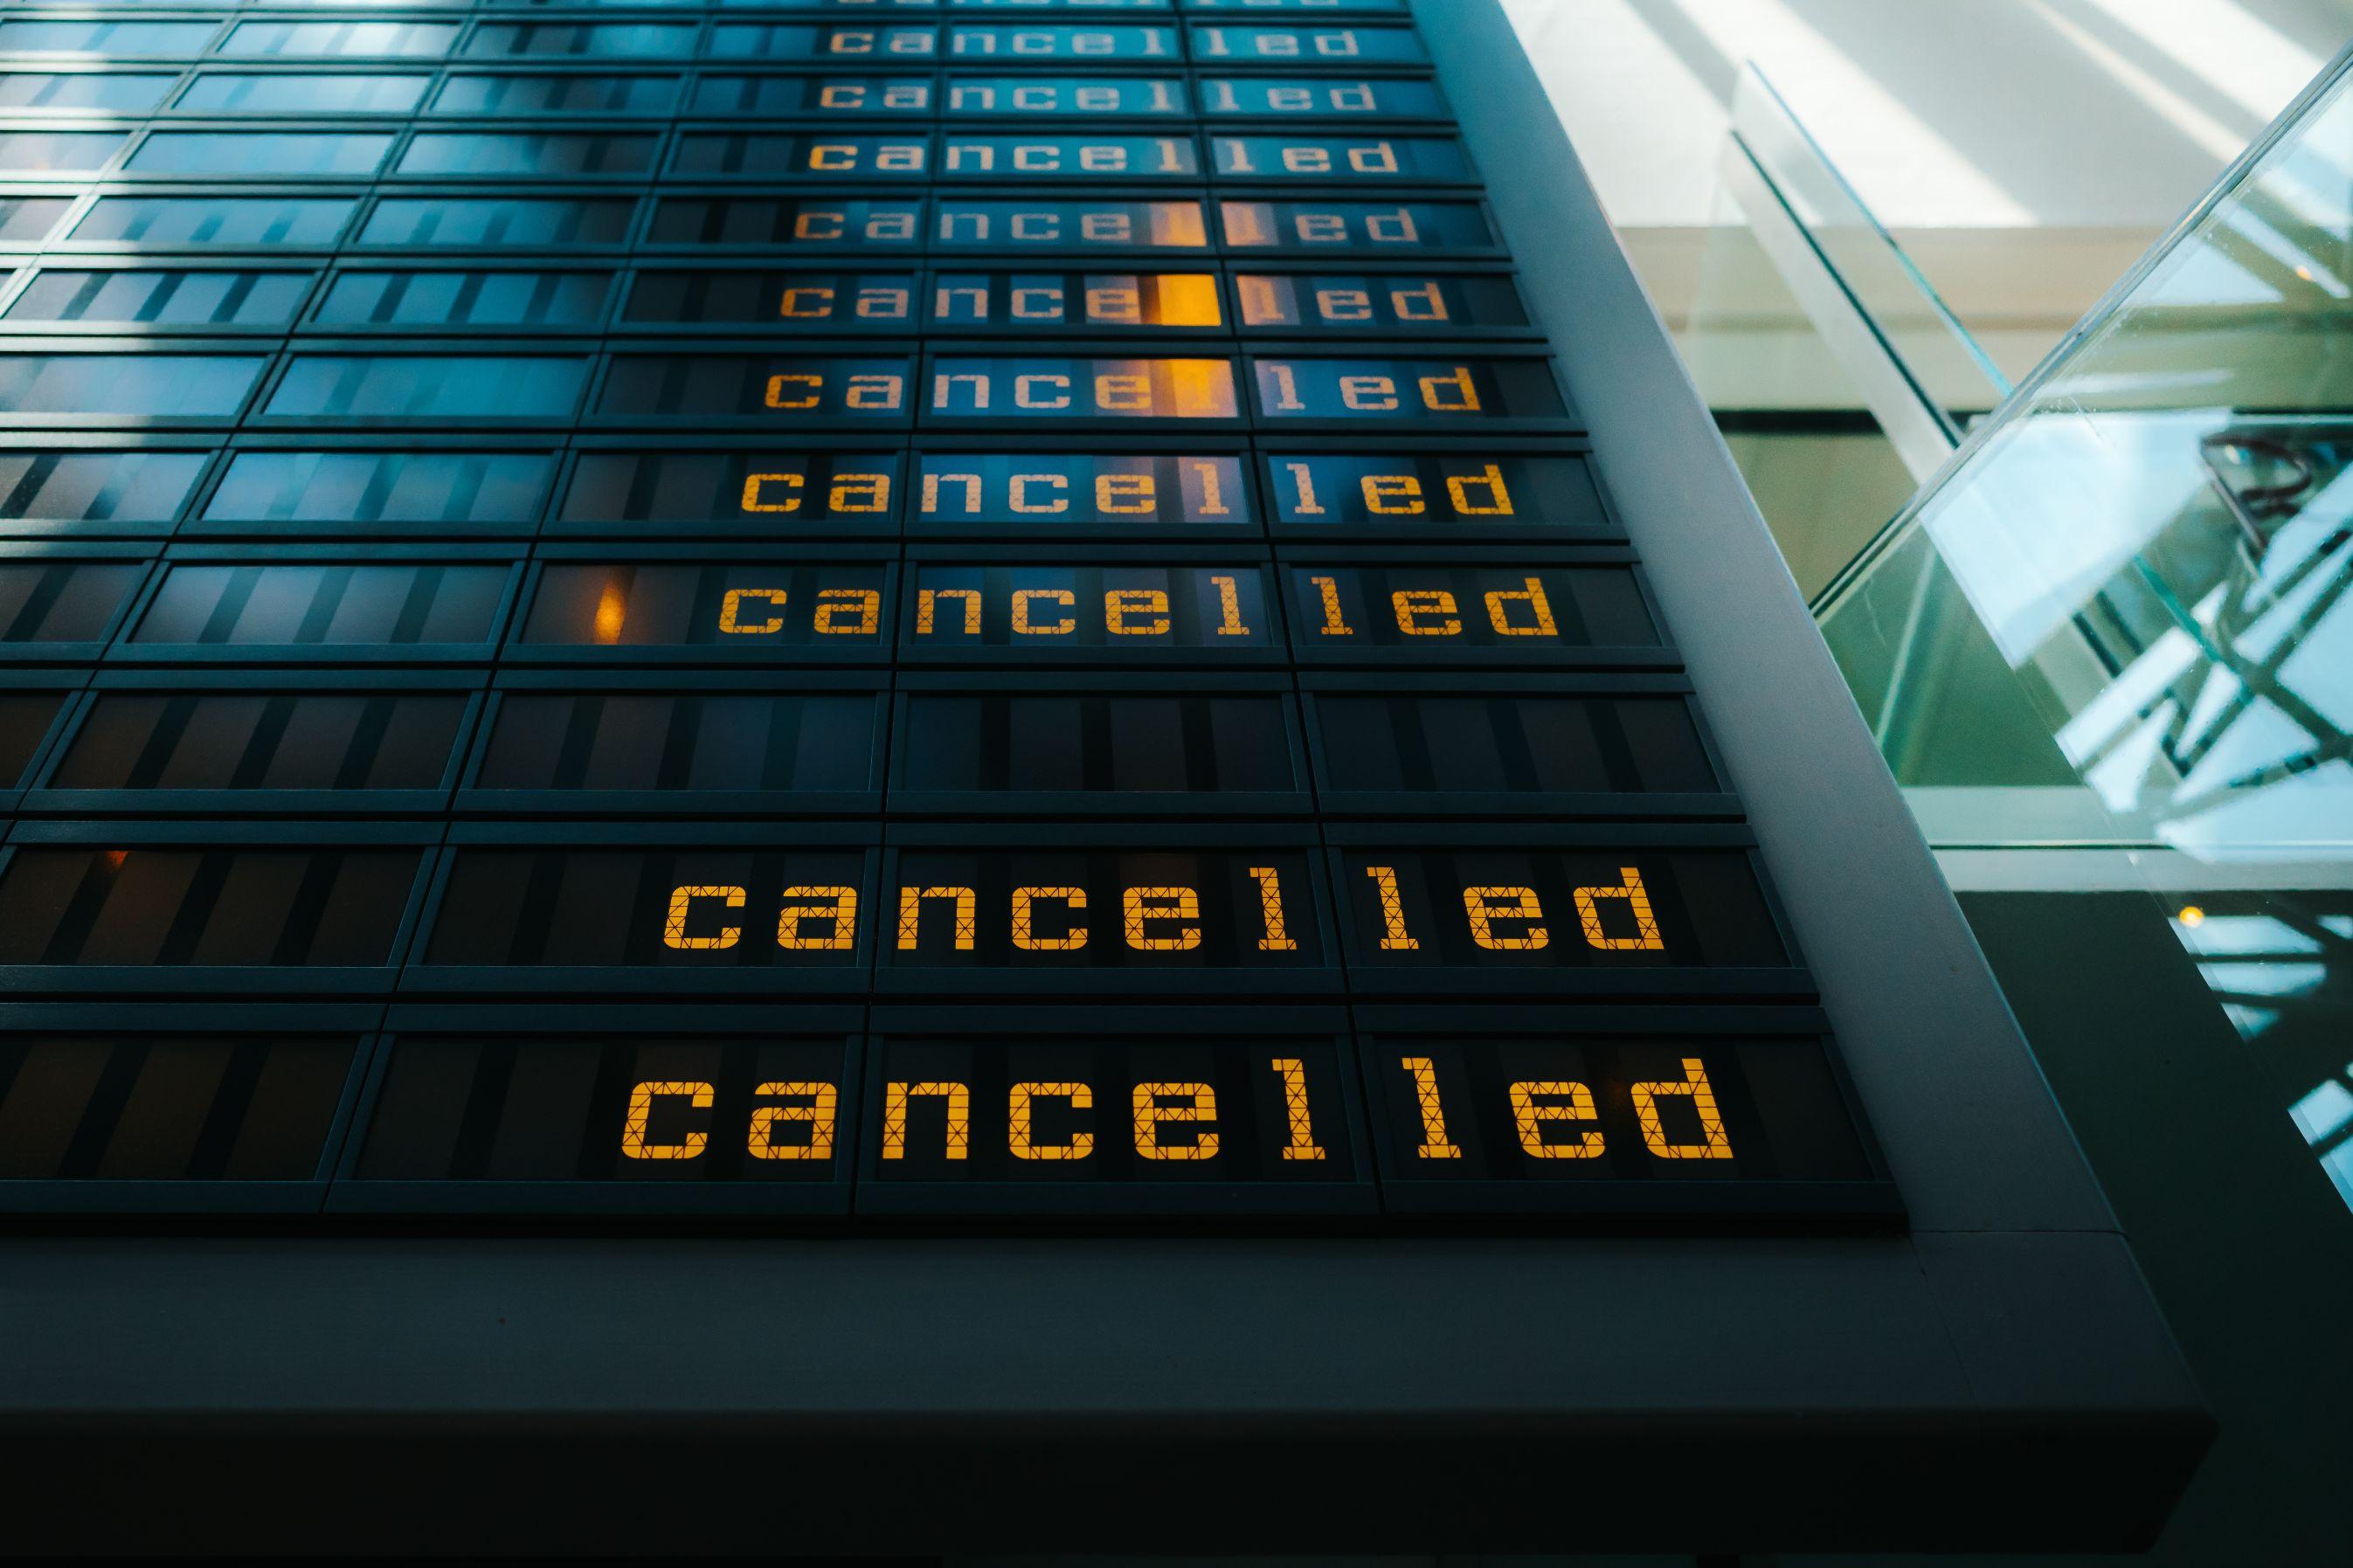 ジェットスター便が欠航するのはどんな時?